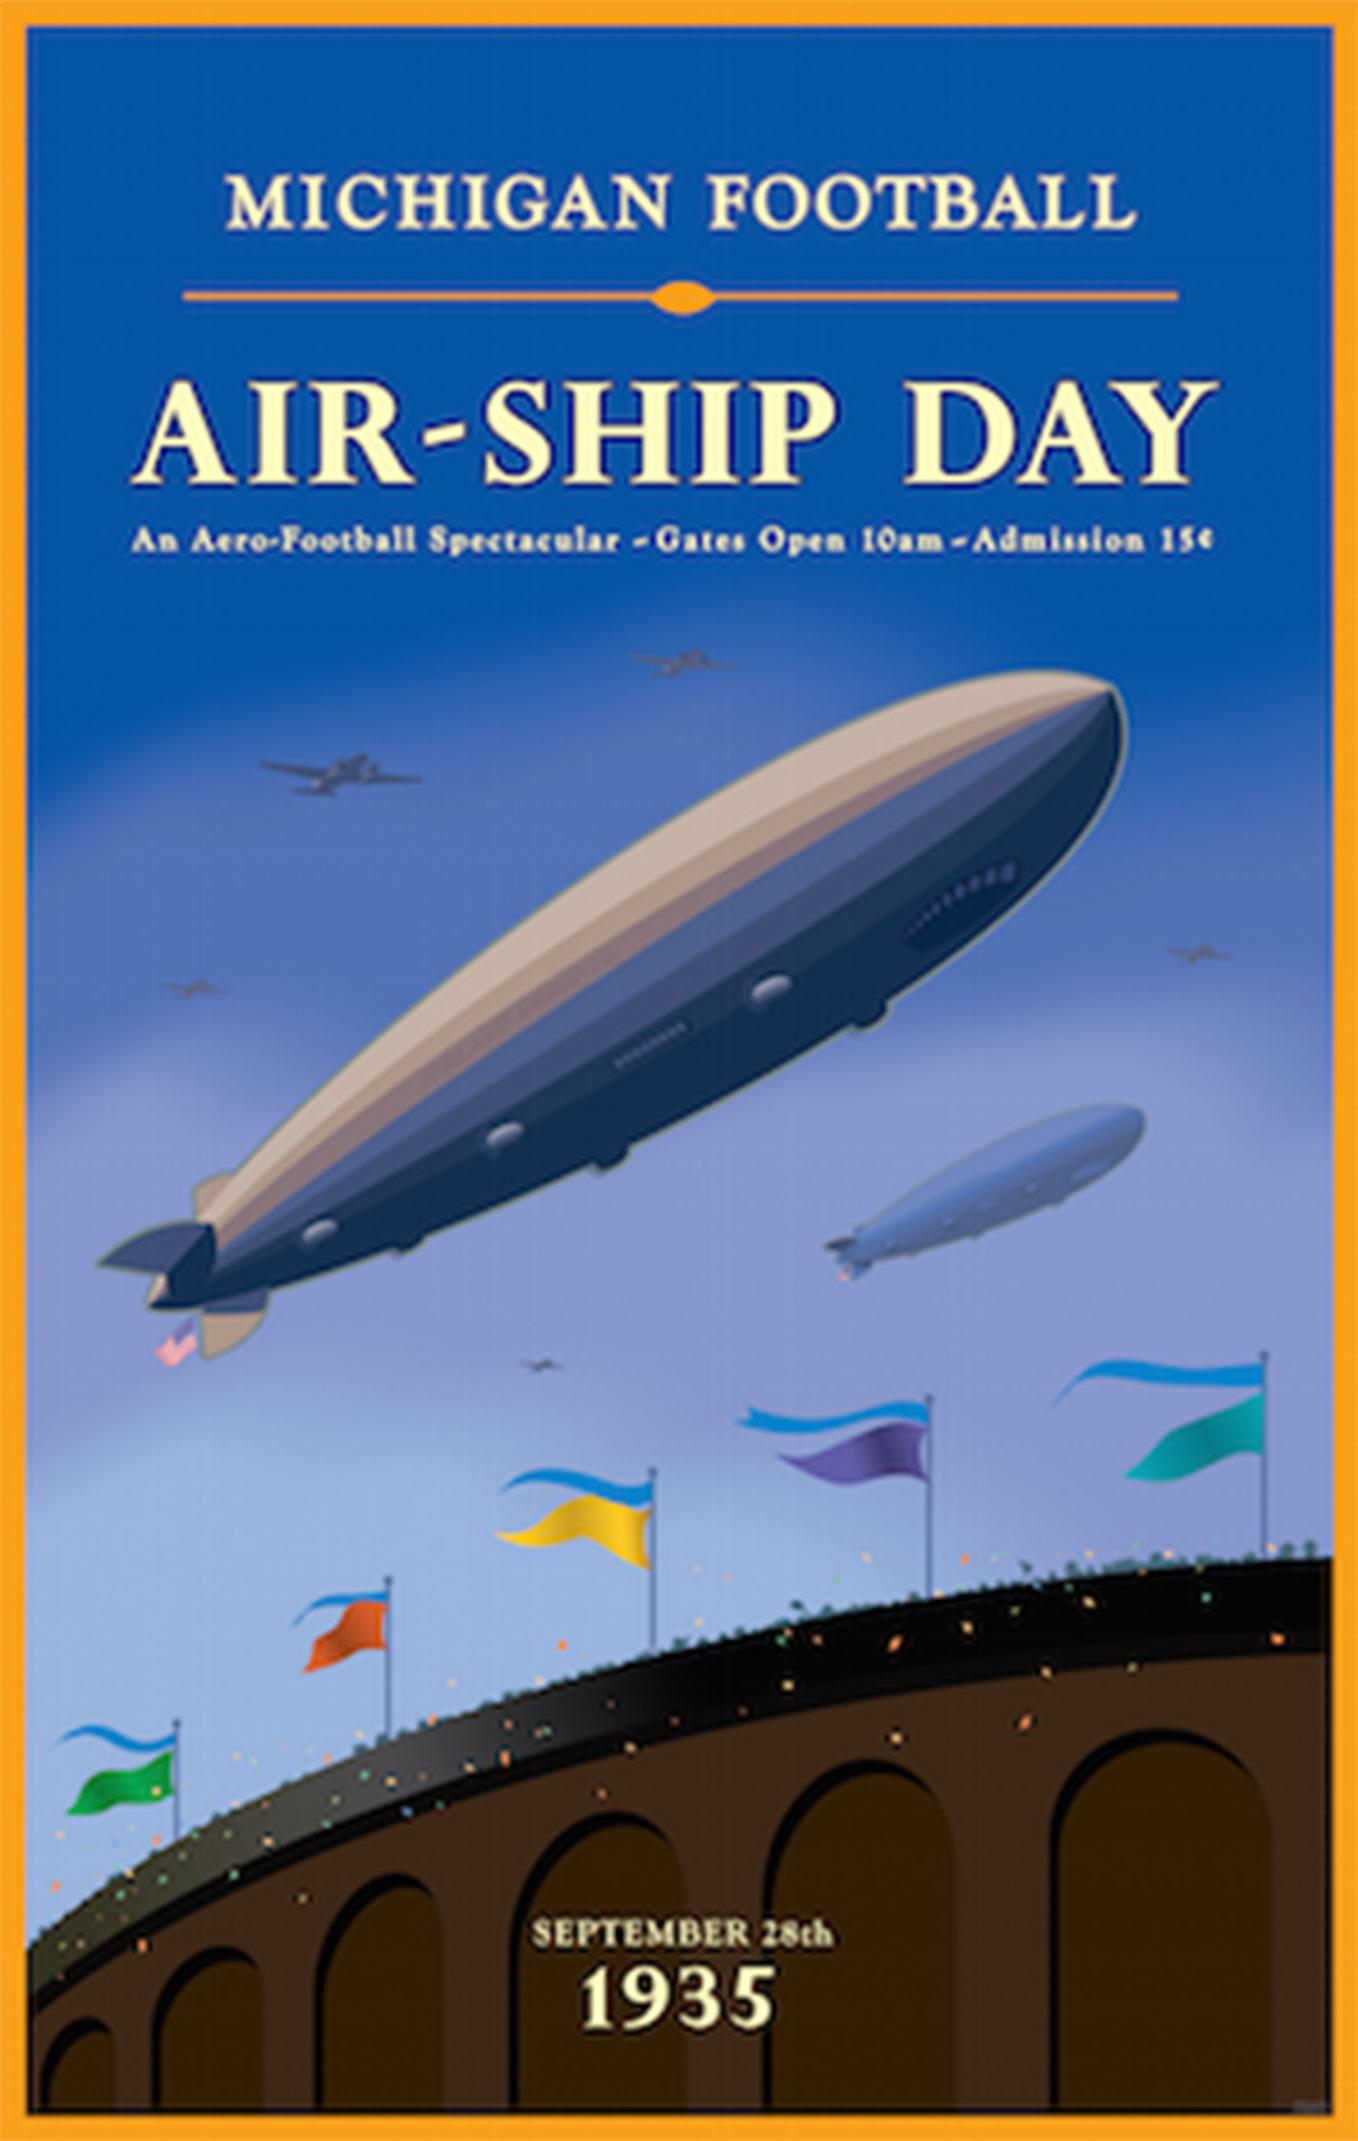 Michigan Football Airship Day Poster